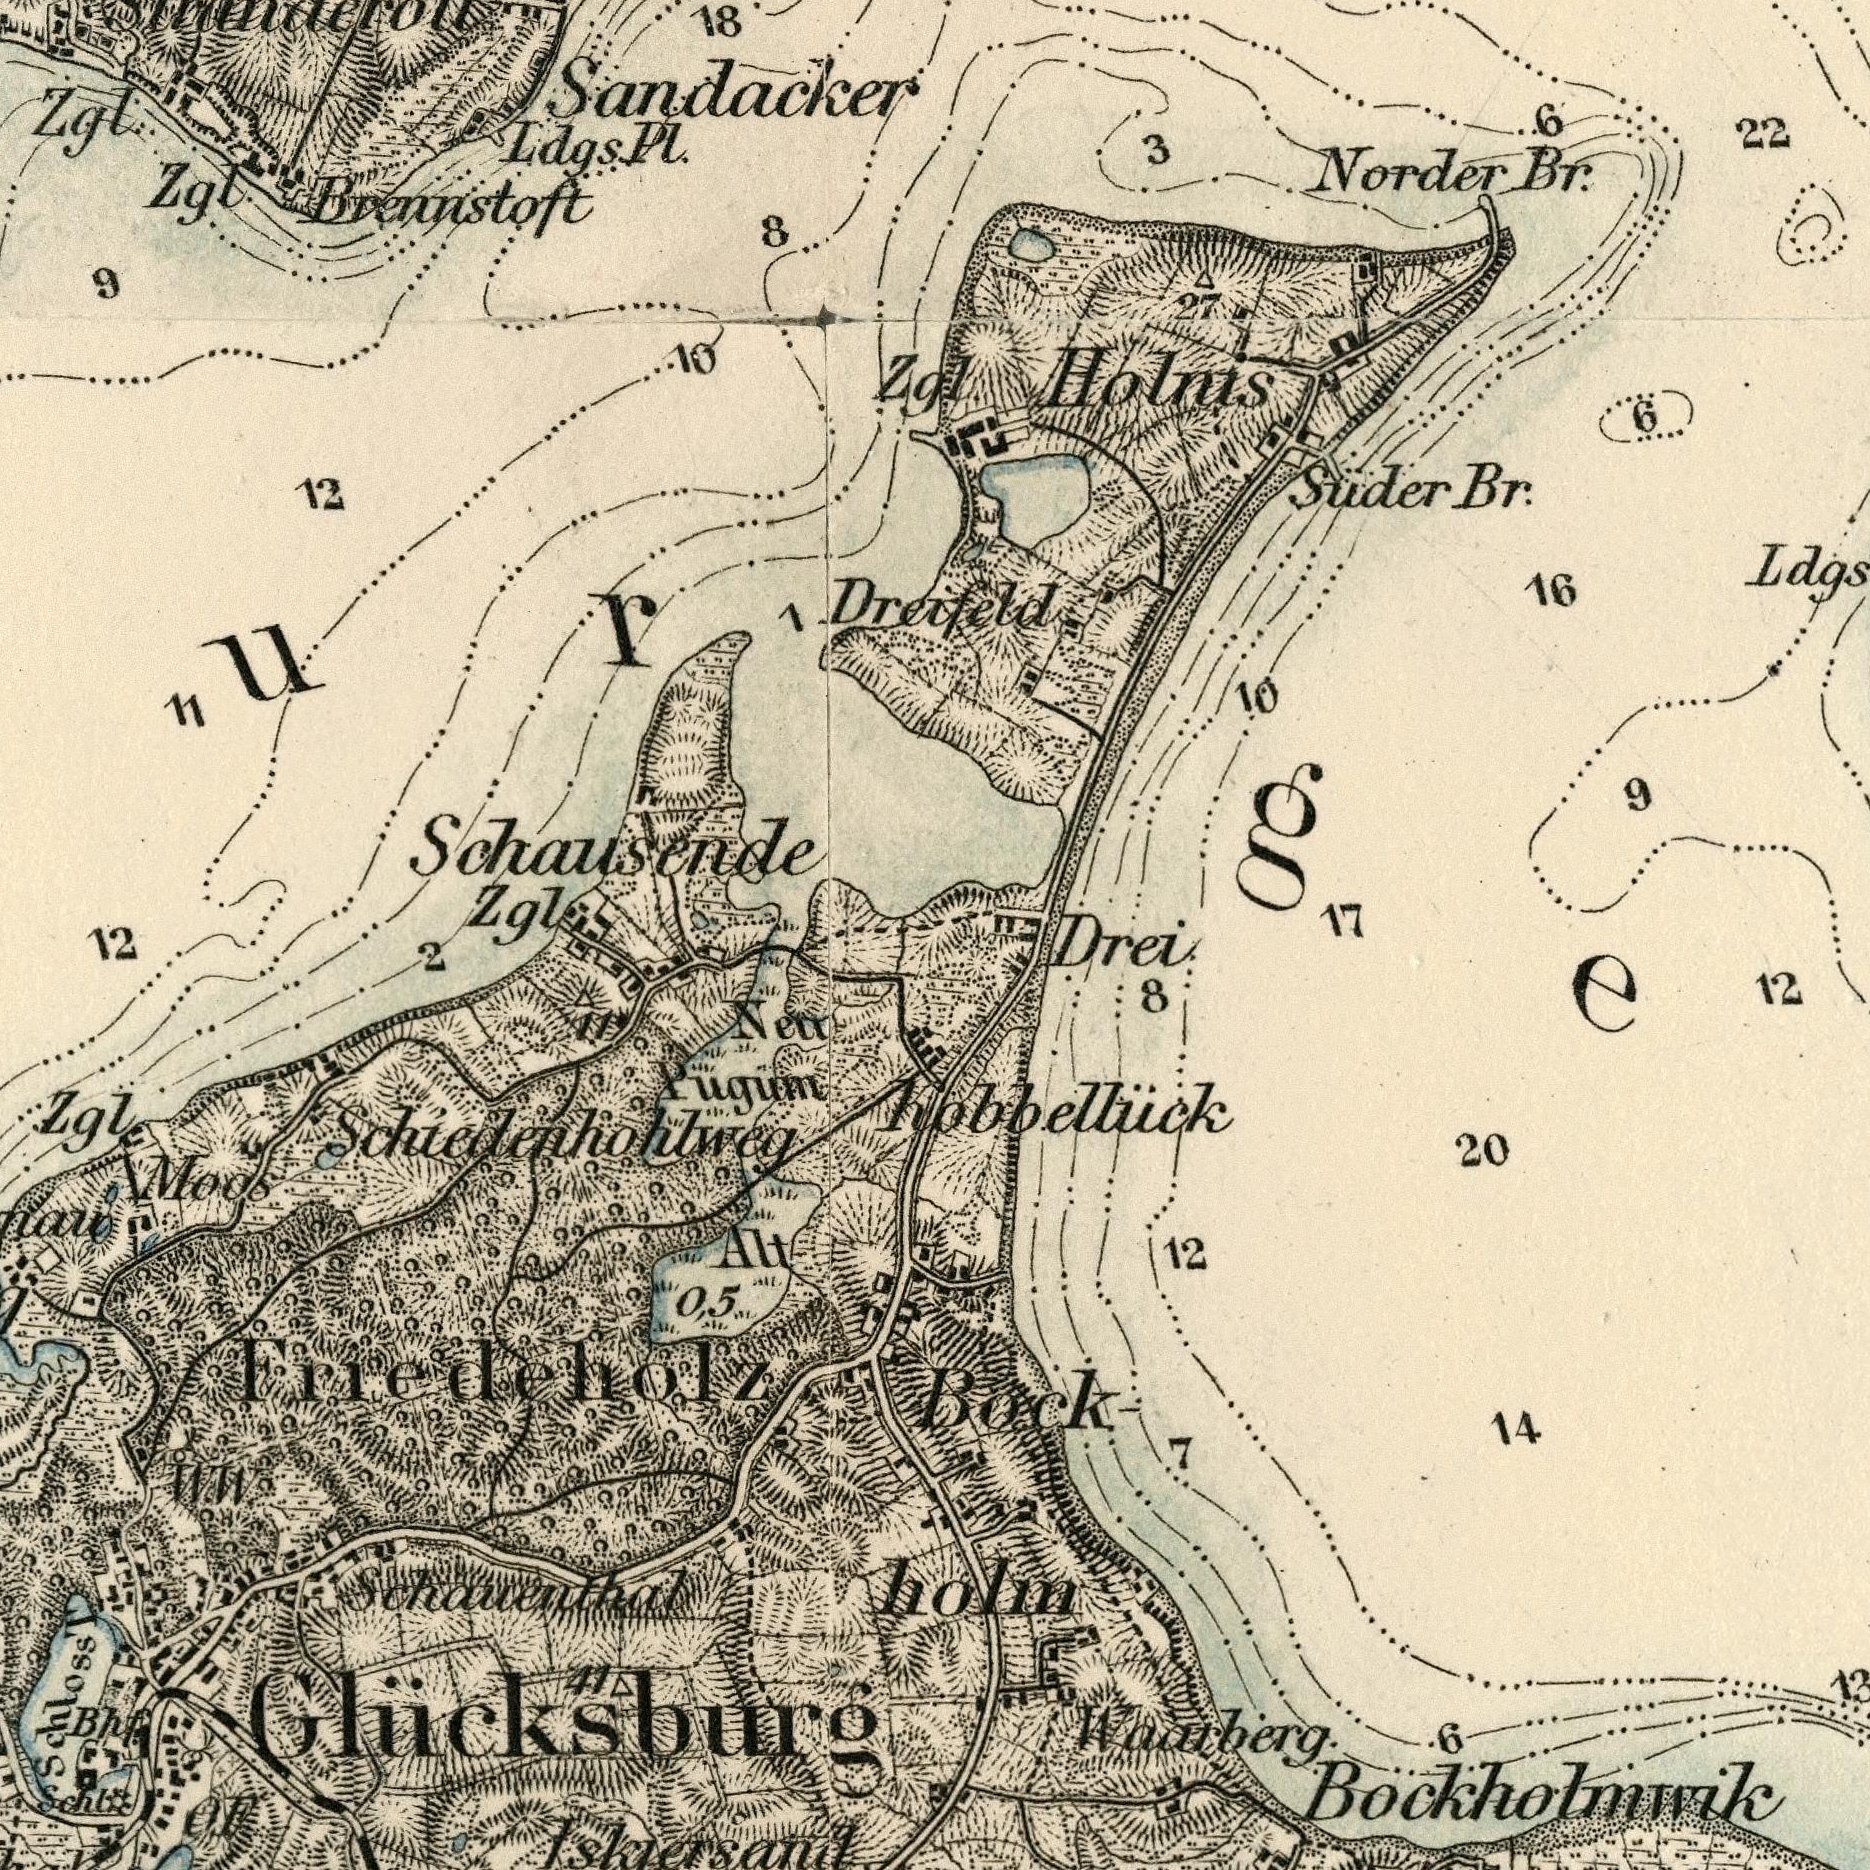 Flensburg Karte.Datei Karte Des Deutschen Reiches Von 1893 Flensburg 5820023c